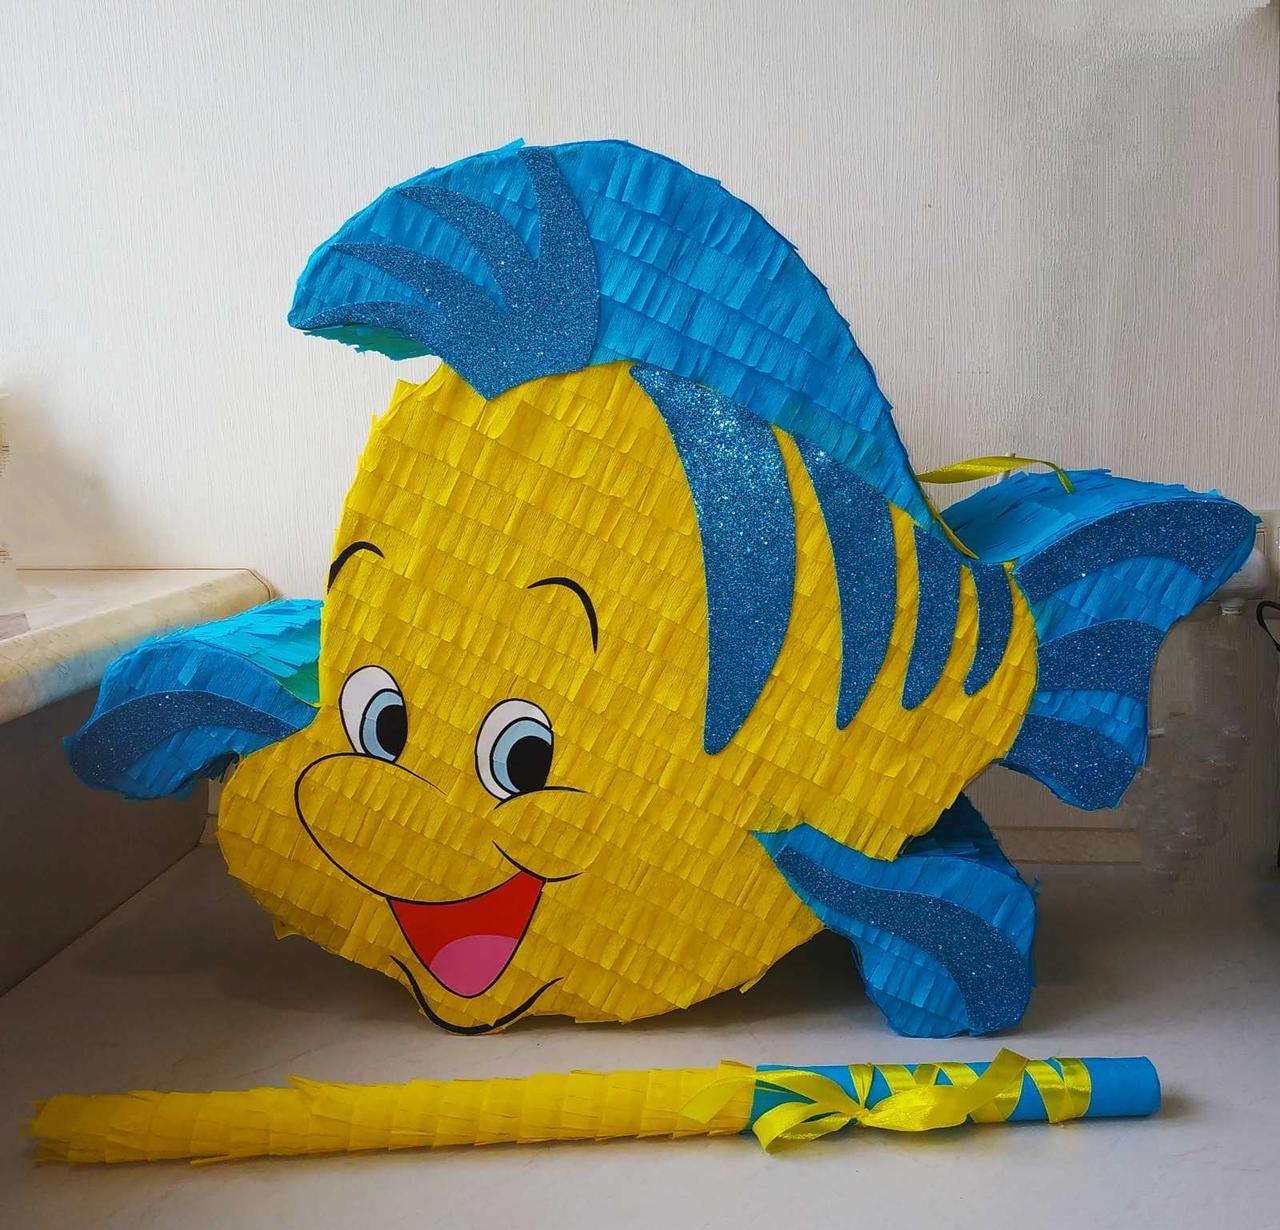 Пиньята - День рождение у ребенка Рыбка Флаундер из мультика Русалочка г. Одесса